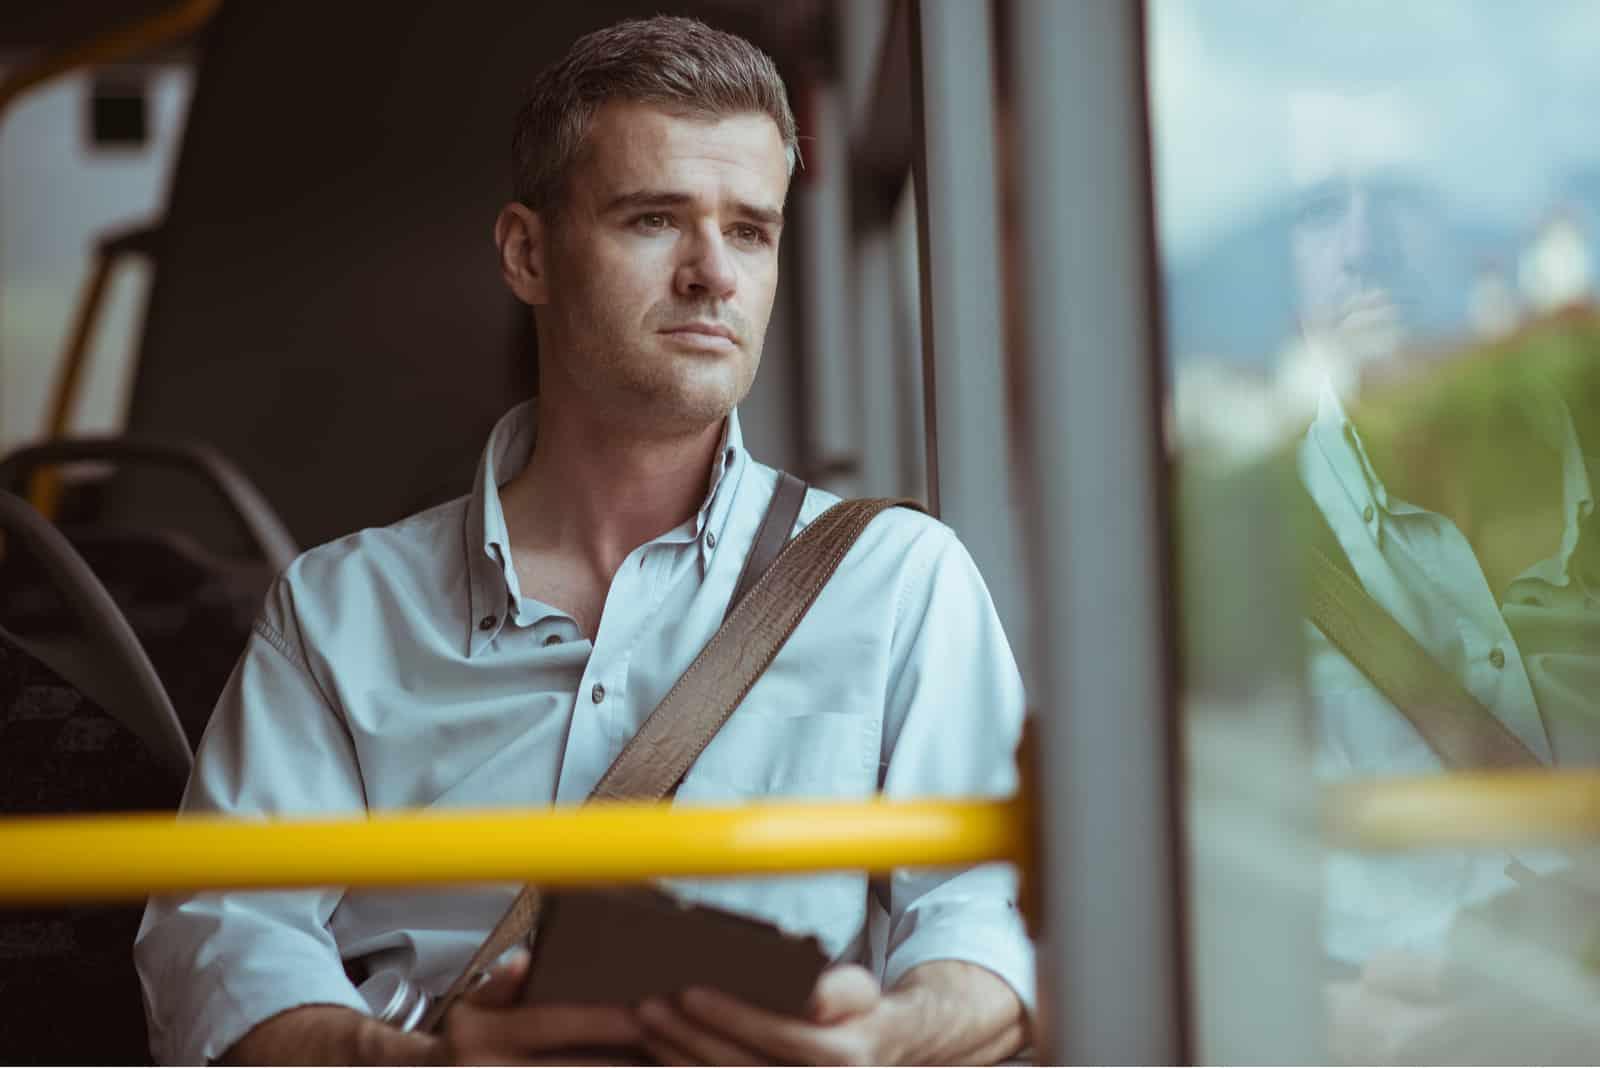 Selbstbewusster nachdenklicher Mann, der im Bus sitzt